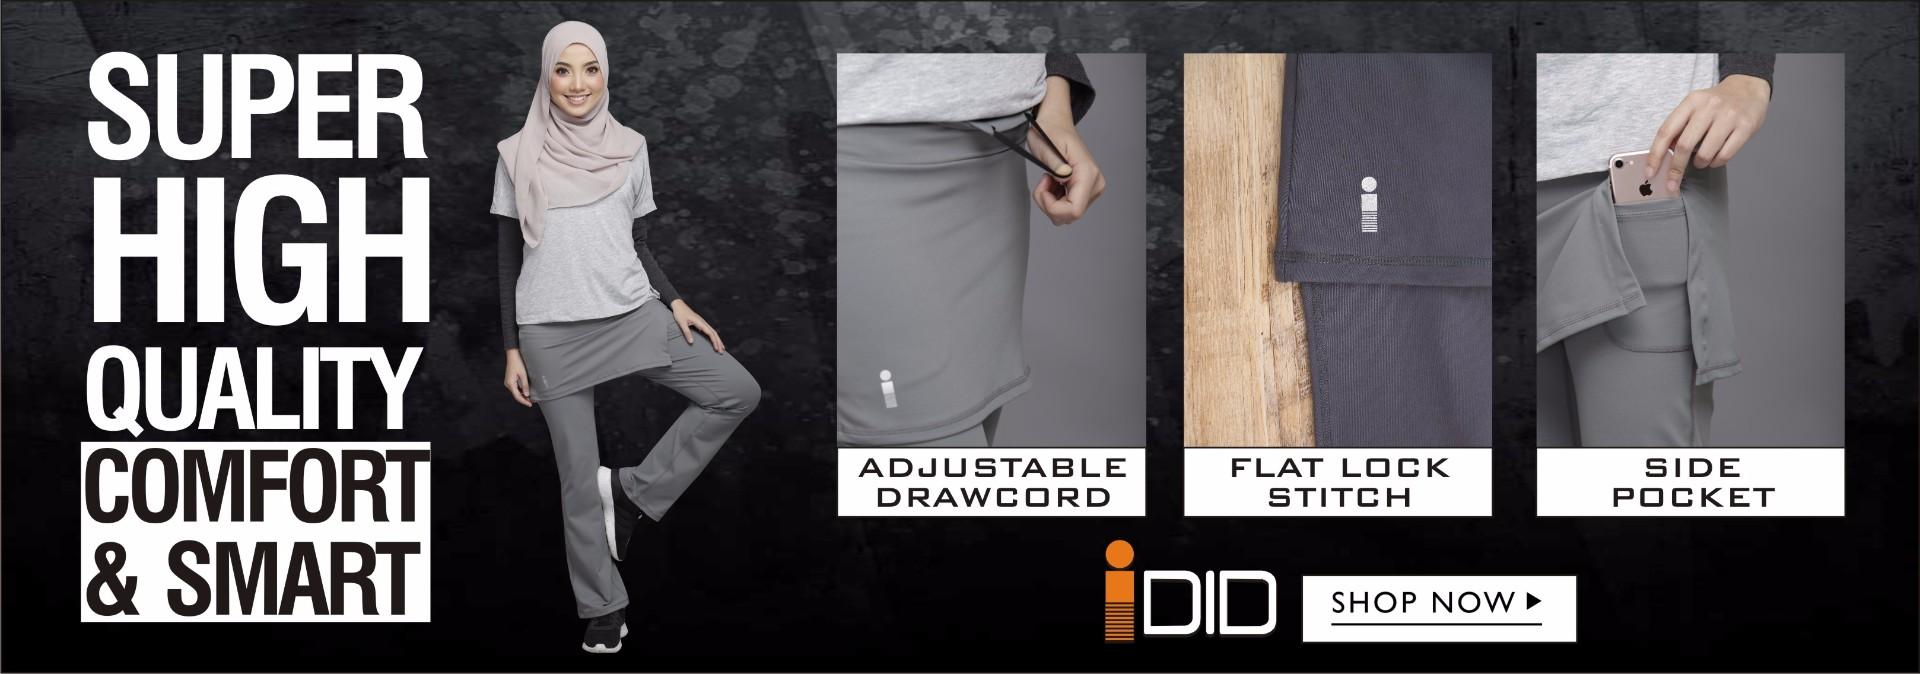 idid Activewear | iDid Activewear